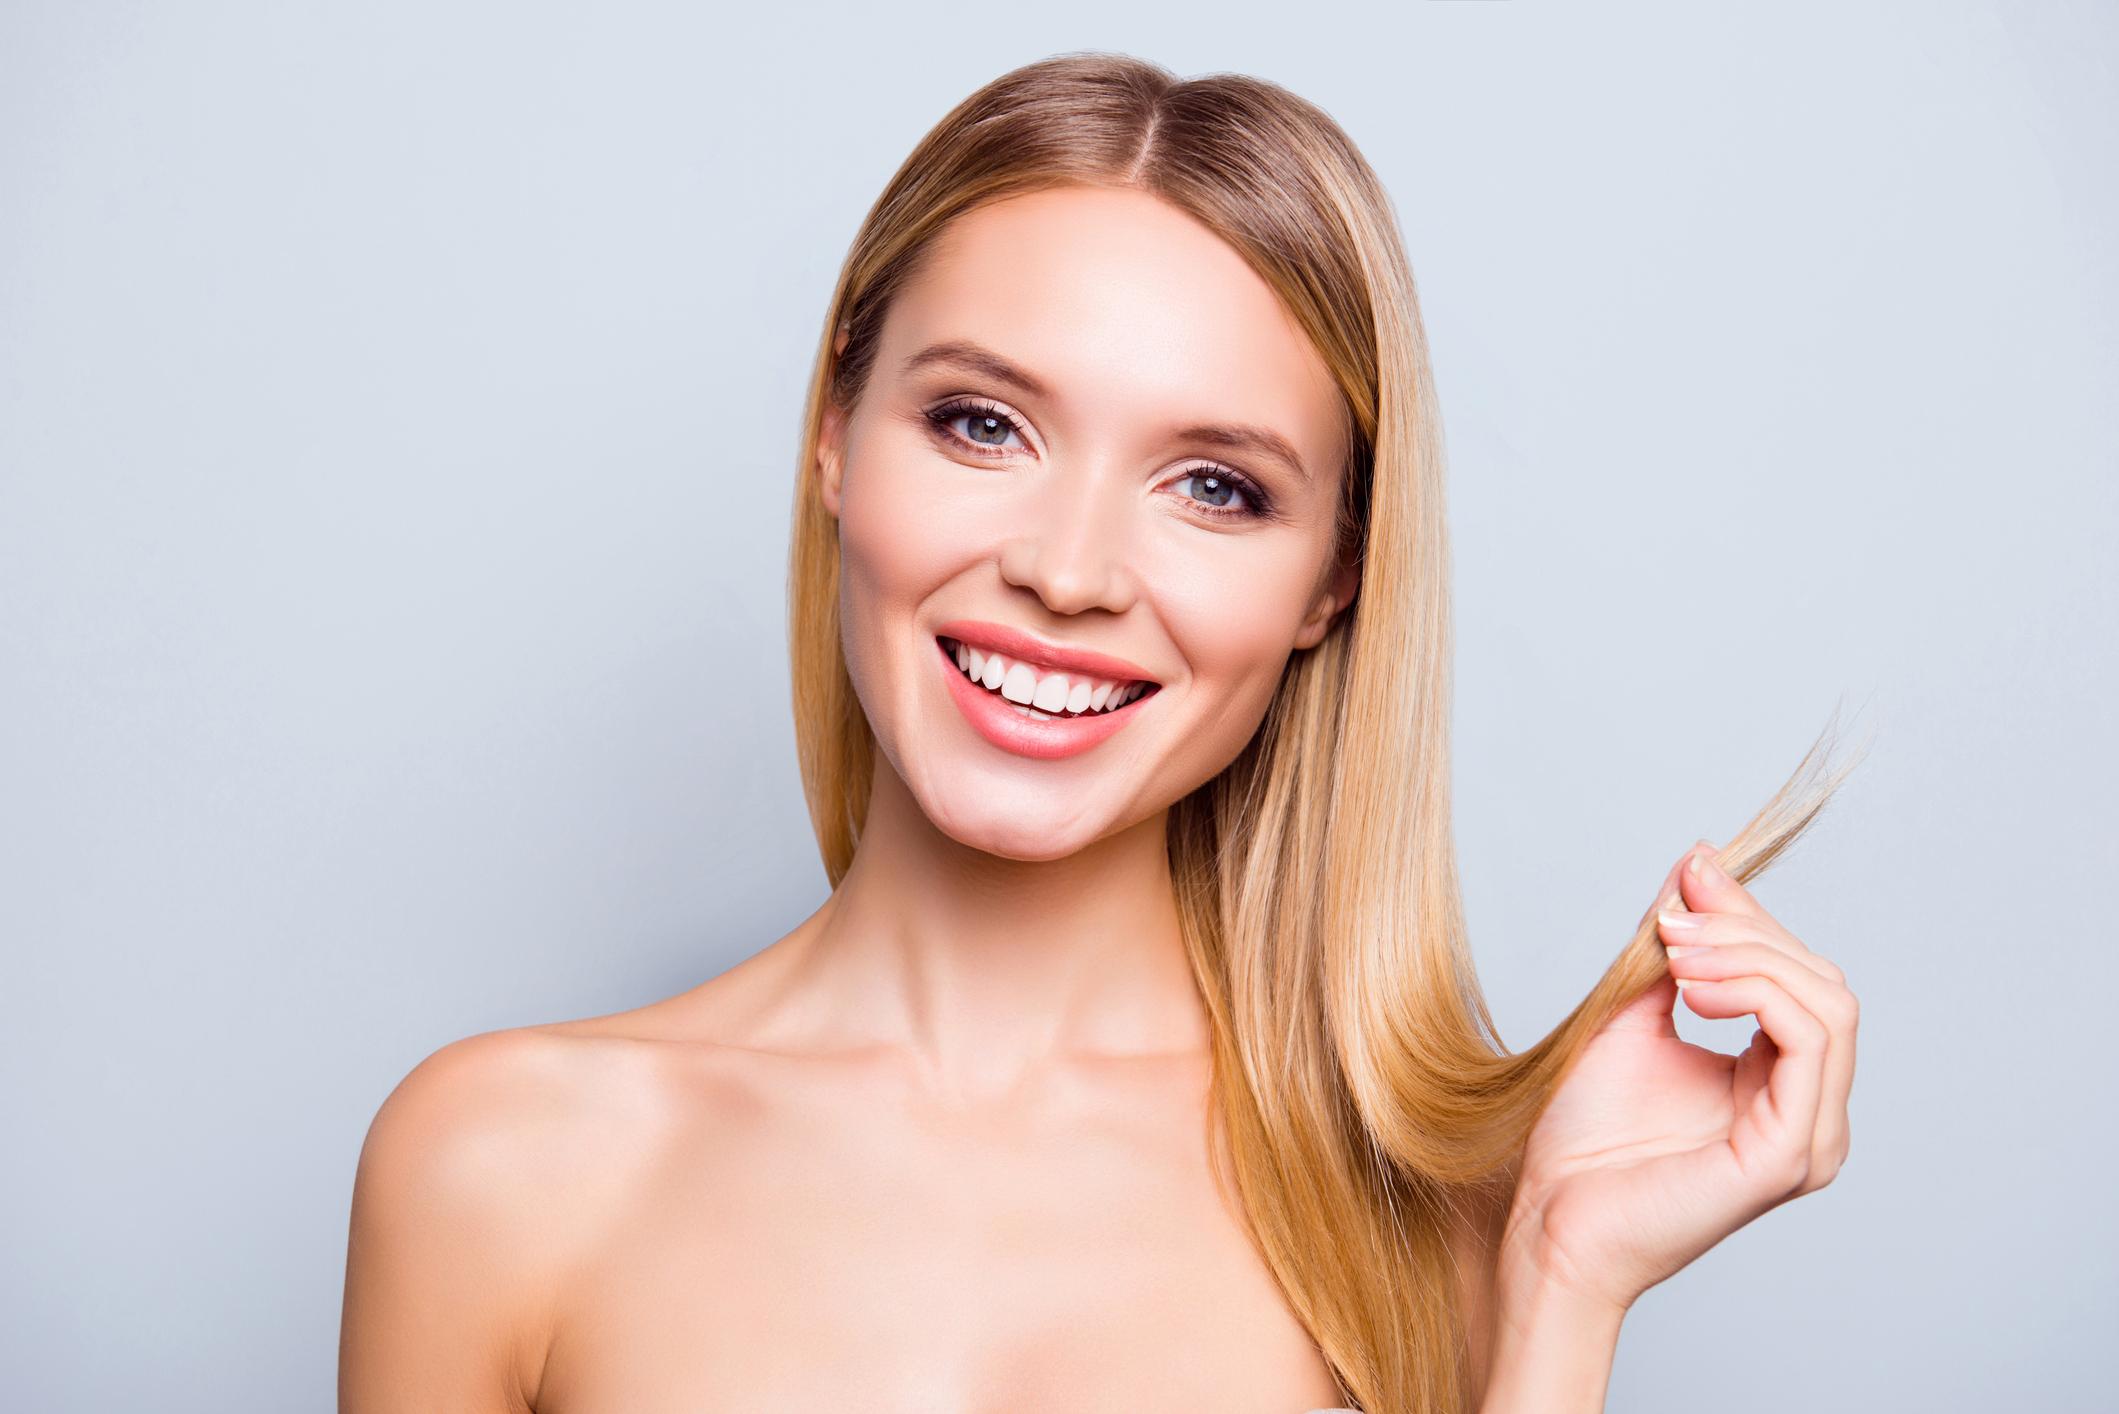 Як визначити свій тип волосся і доглядати за ними